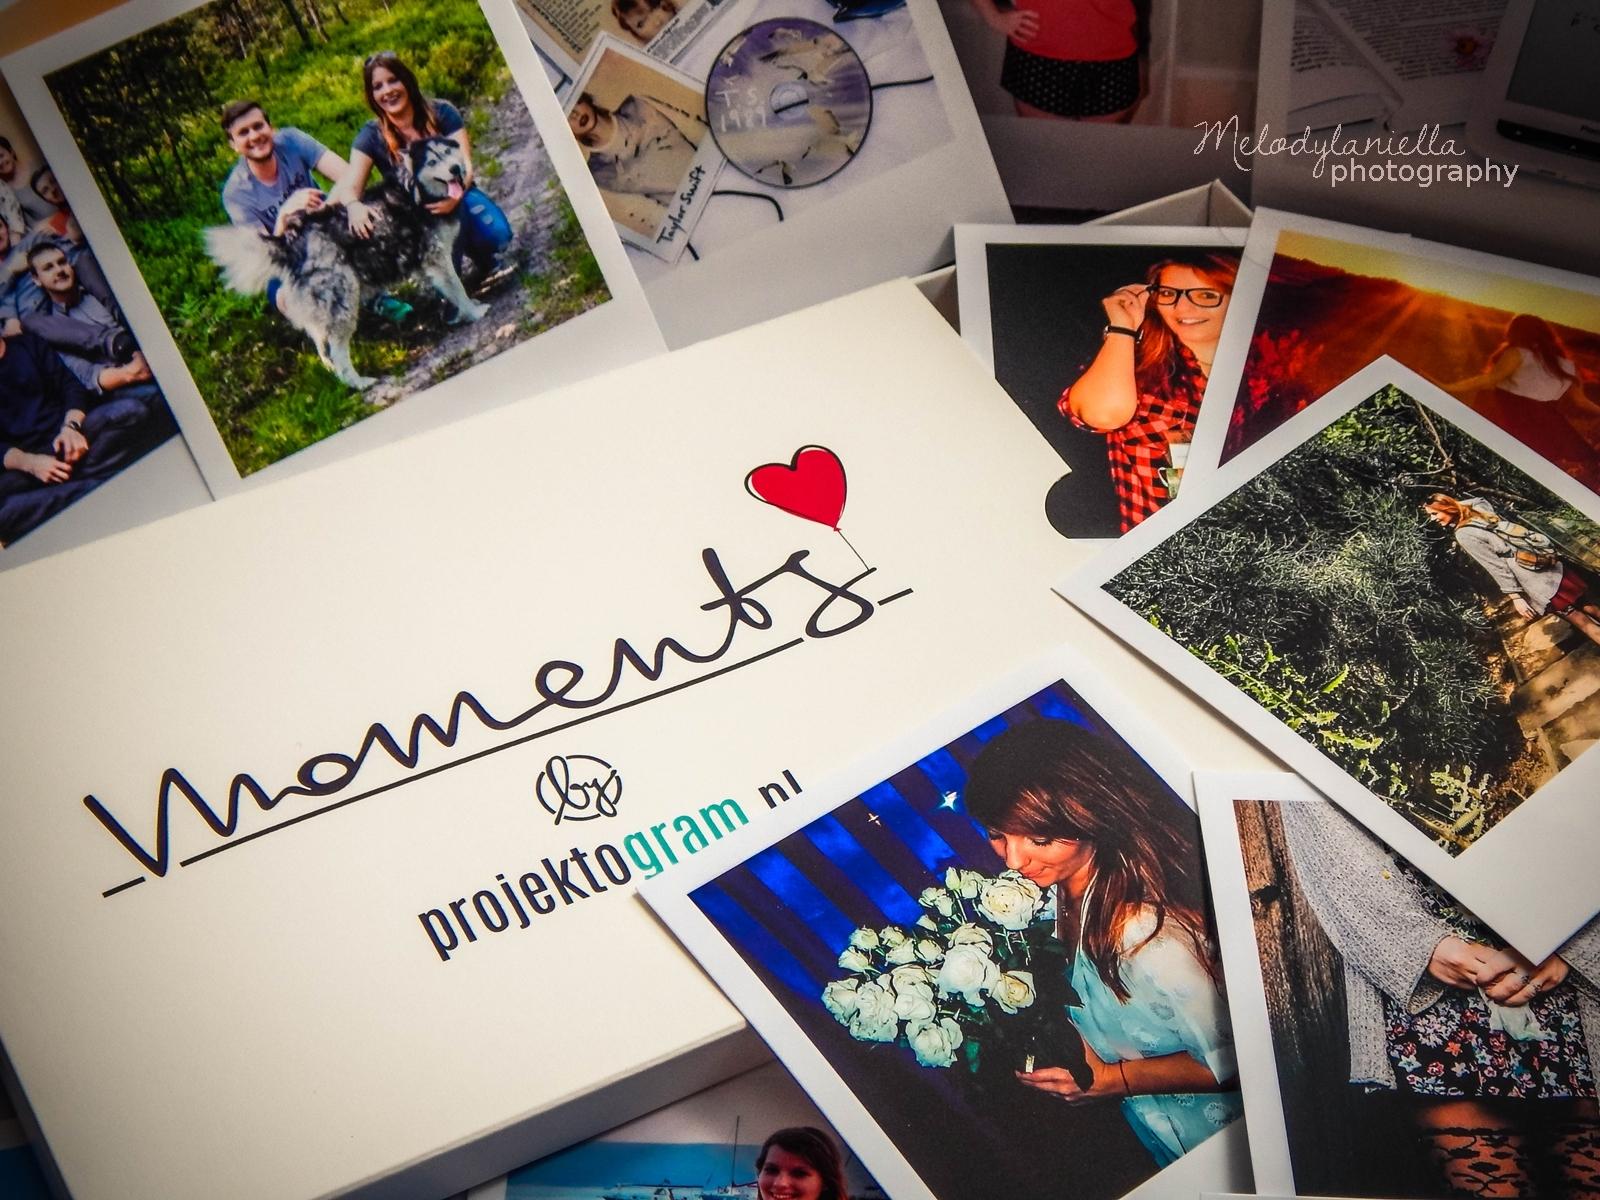 projektogram zdjecia polaroid polaroidy wywolane instagram kwadraty nietypowe wywolanie zdjec wspomnienia z wakacji prezent dla lubiacych zdjecia nowosc aplikacja .jpg zdjecia